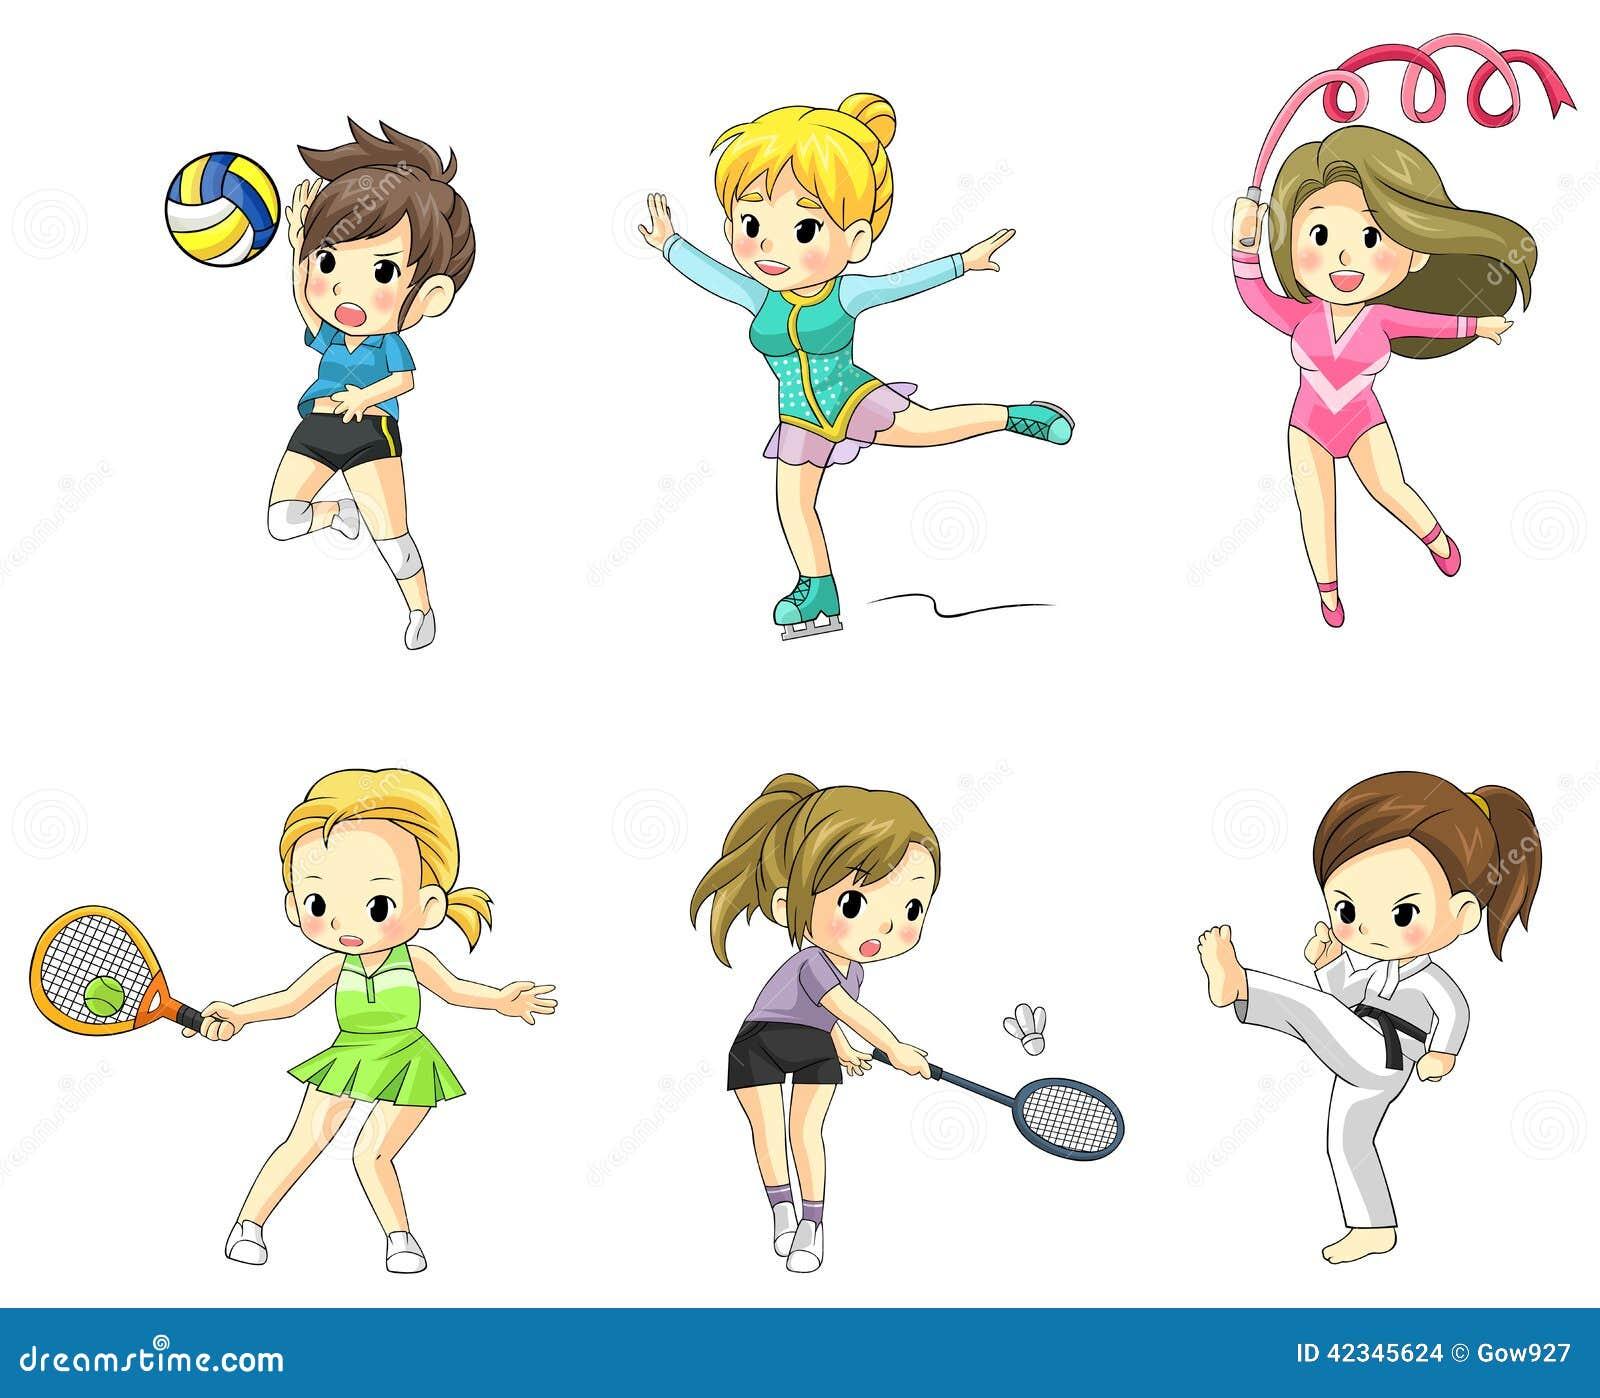 imagens para colorir salto atletismo